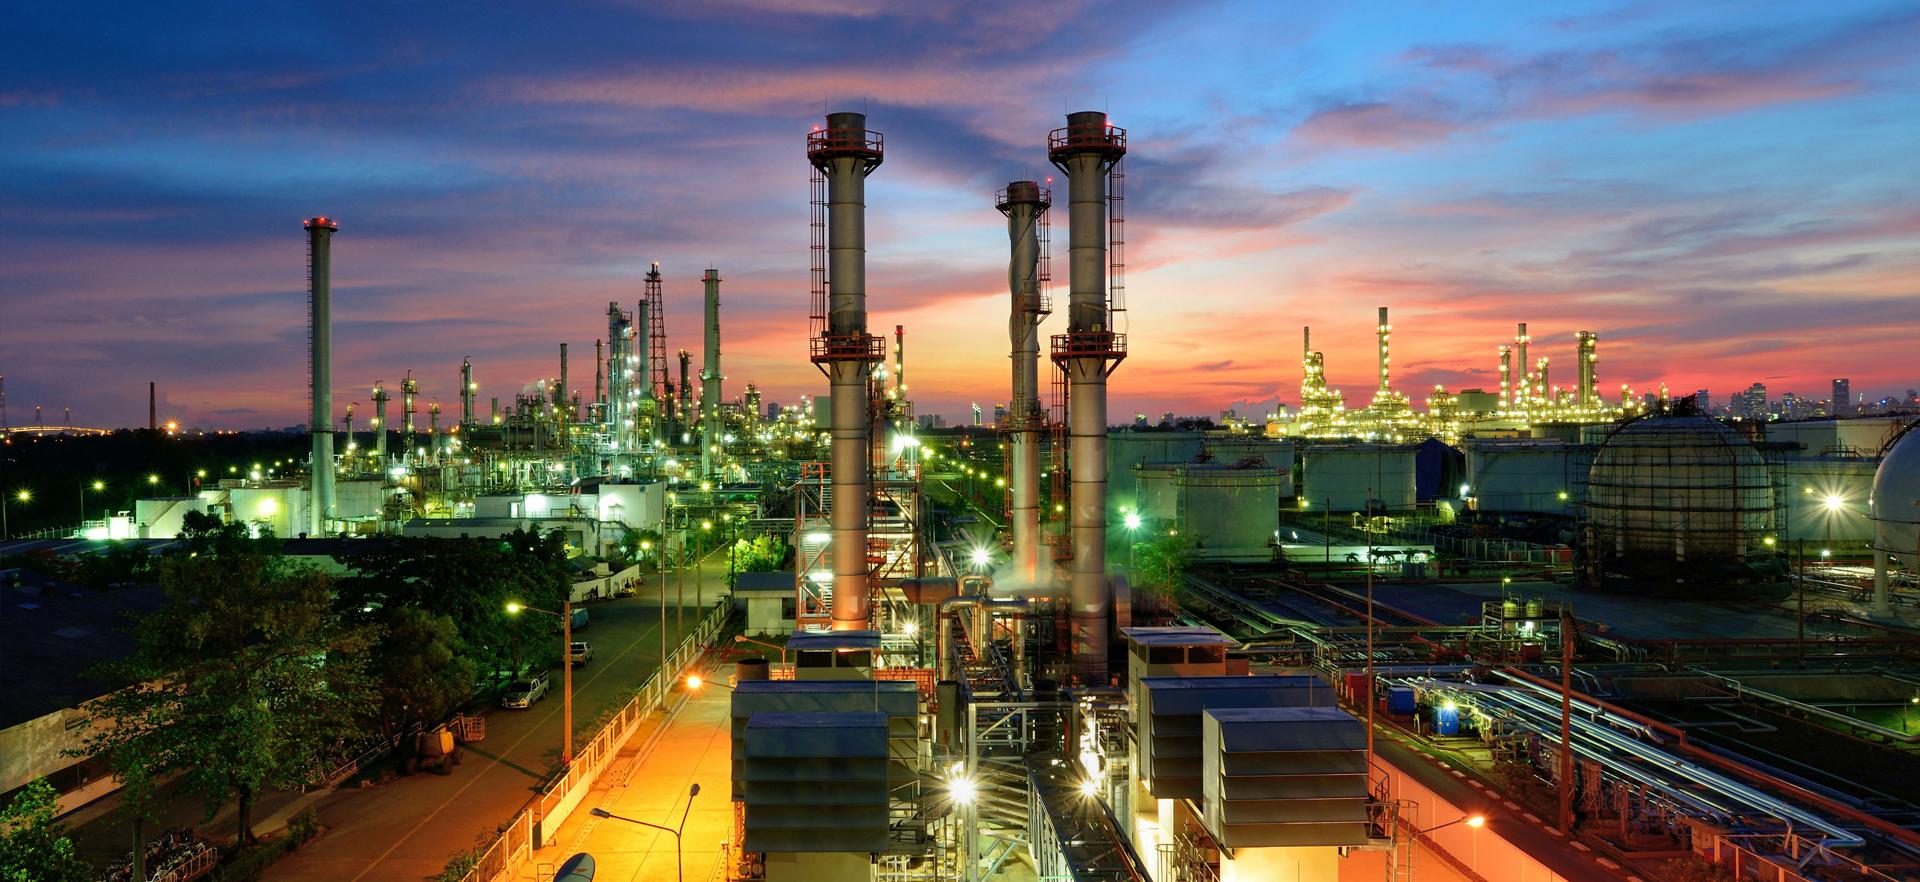 Проблемные вопросы нормирования пожарной безопасности зданий и сооружений объектов нефтегазового комплекса